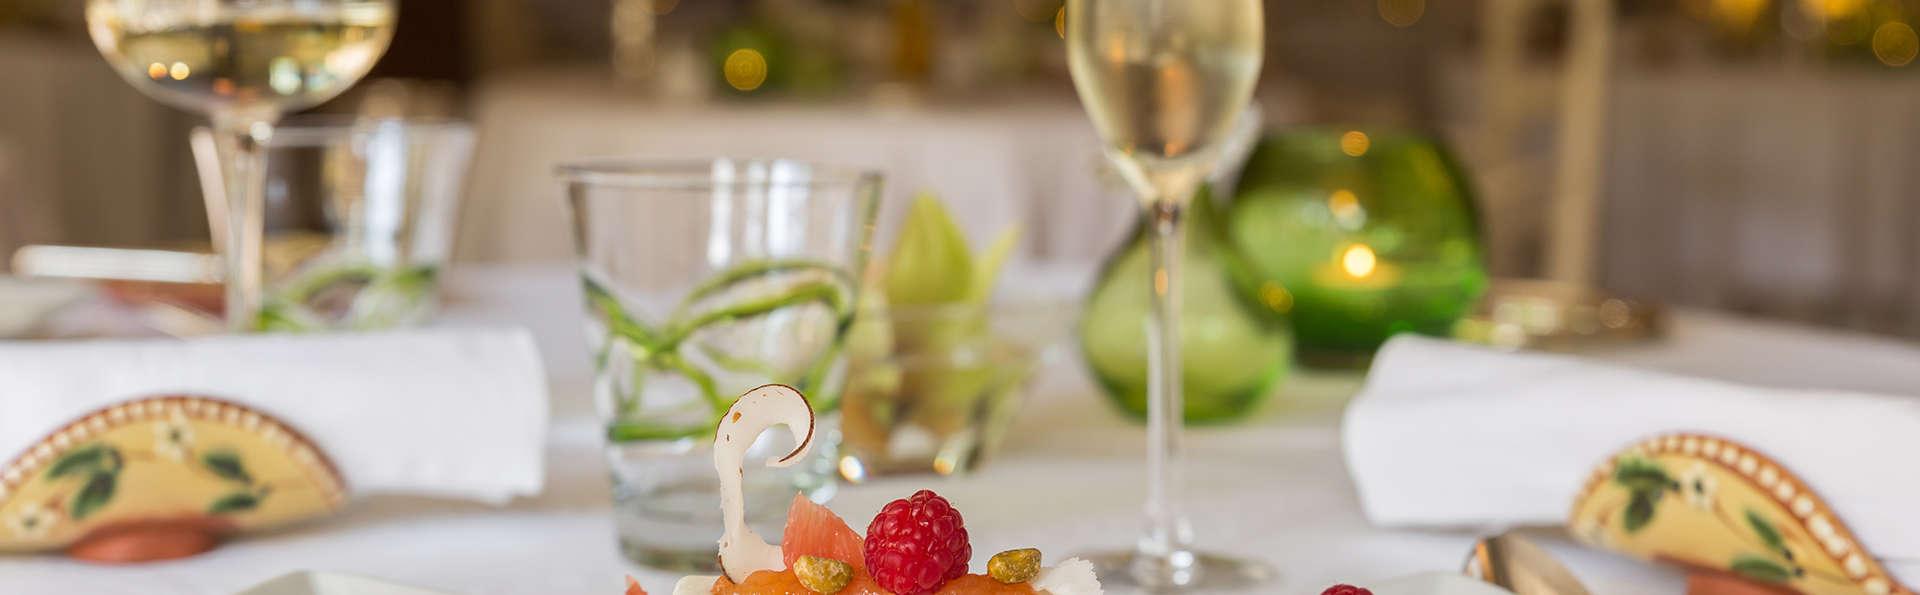 Dîner gastronomique et accès Spa dans un hôtel de luxe près d'Avignon